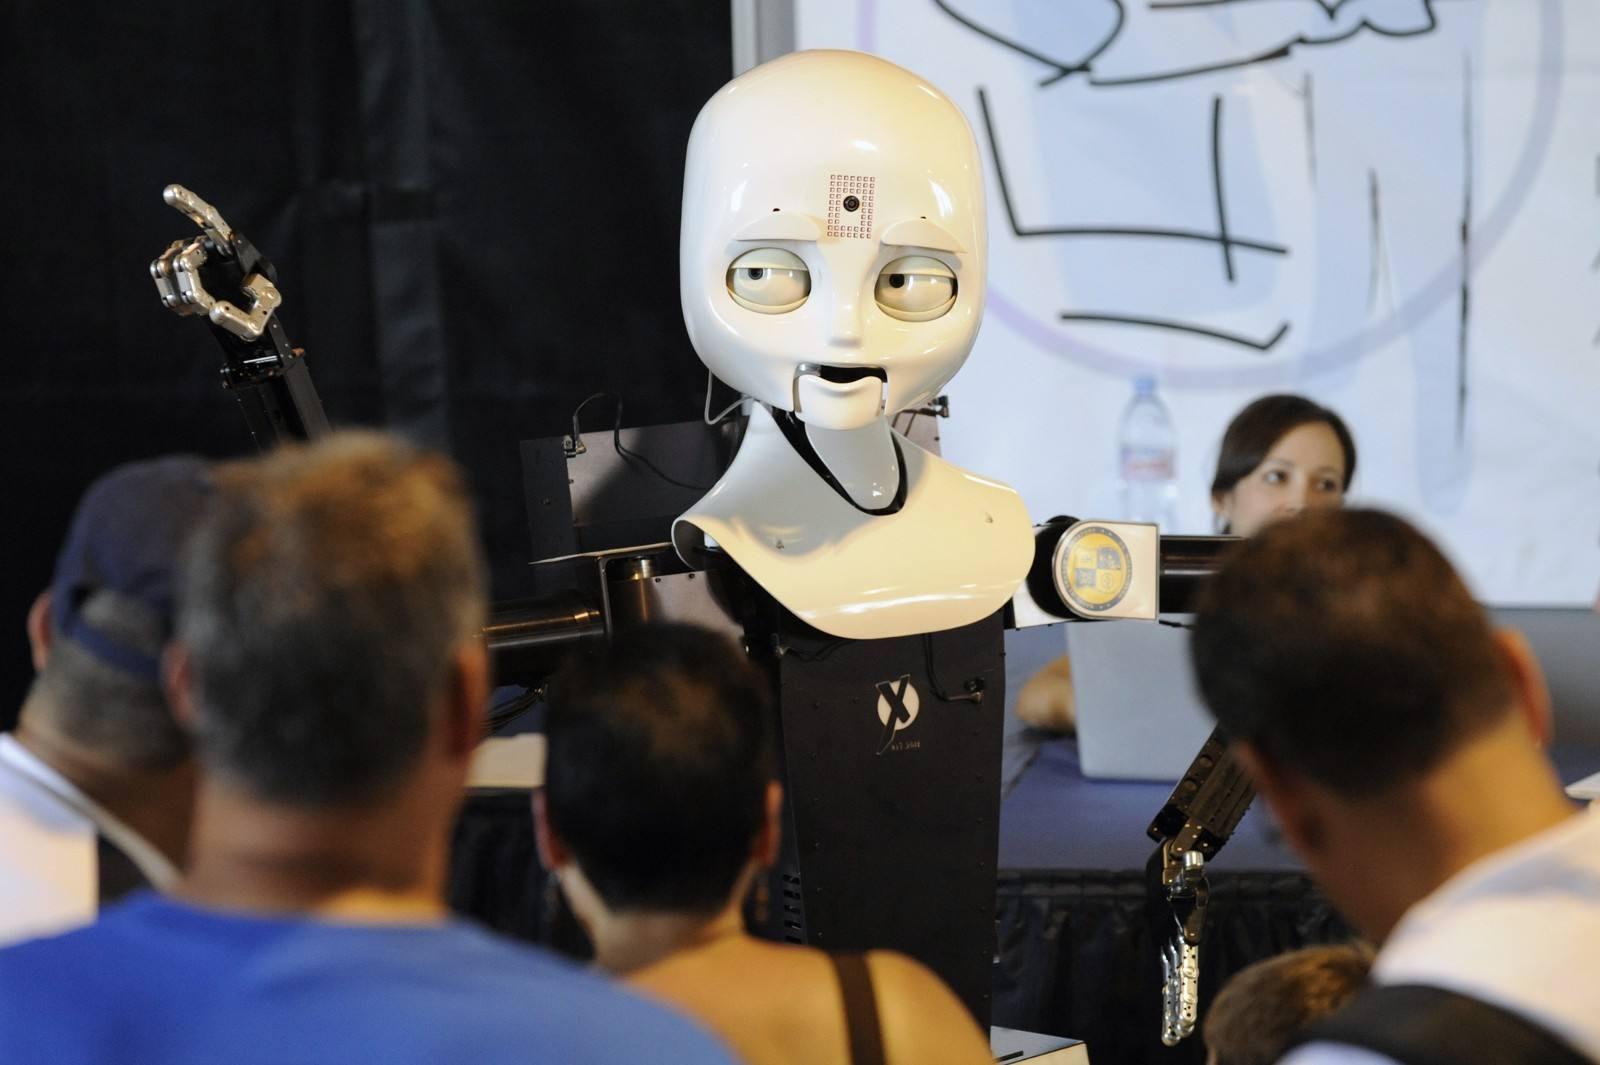 我们都被骗了?专家称破译大脑前都是假人工智能